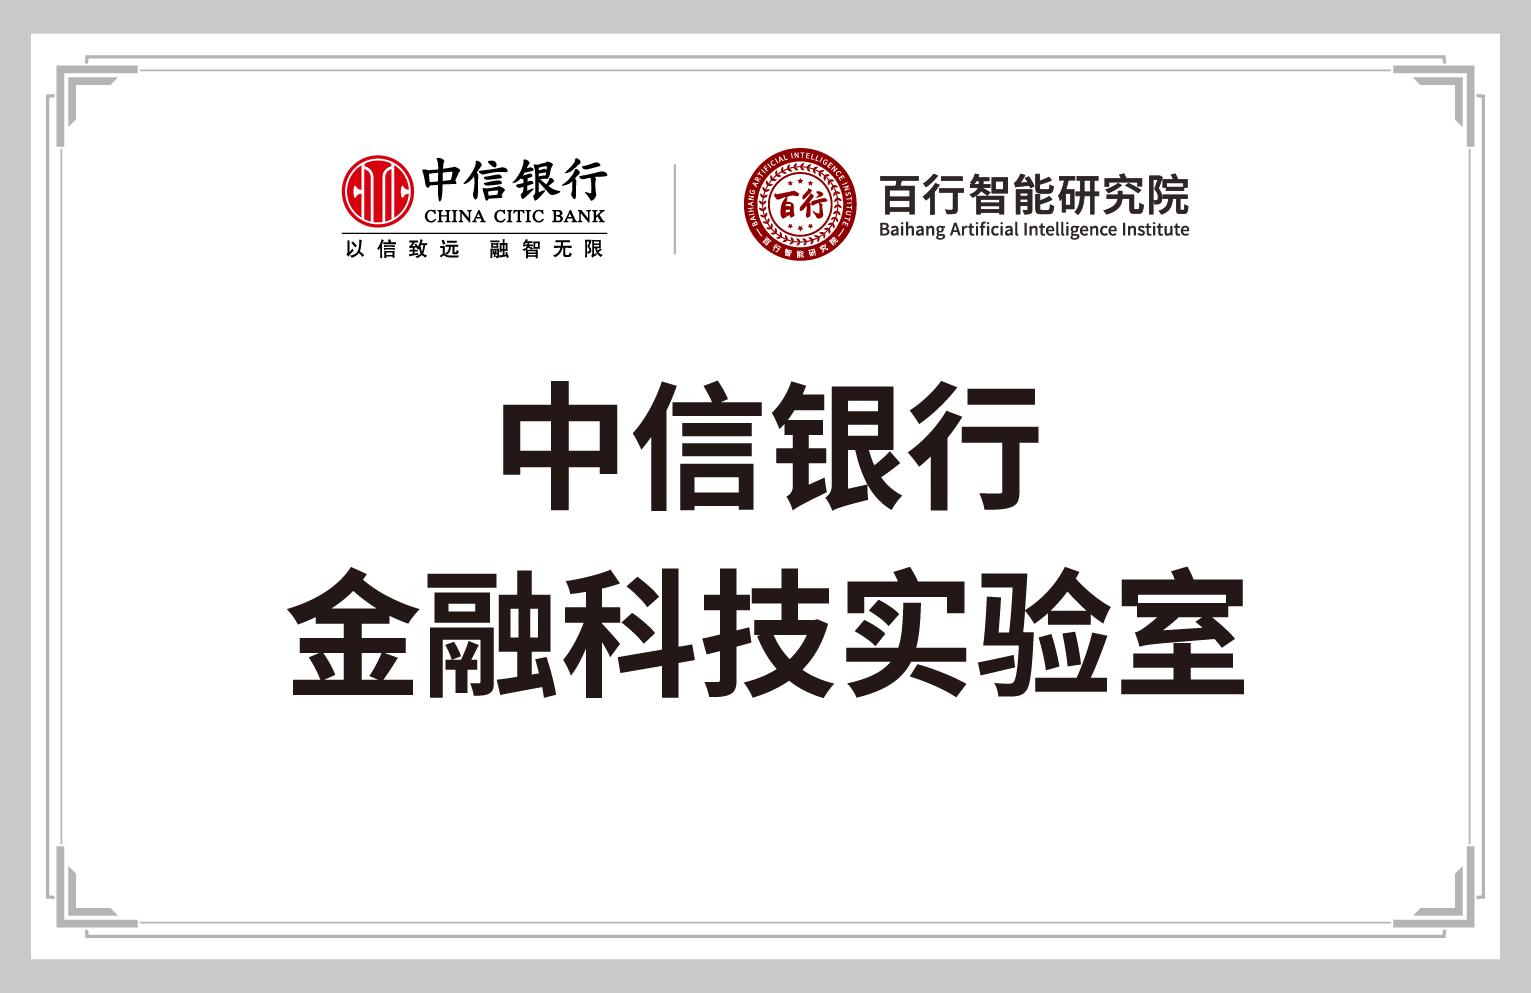 中信银行-百行智能研究院金融科技实验室